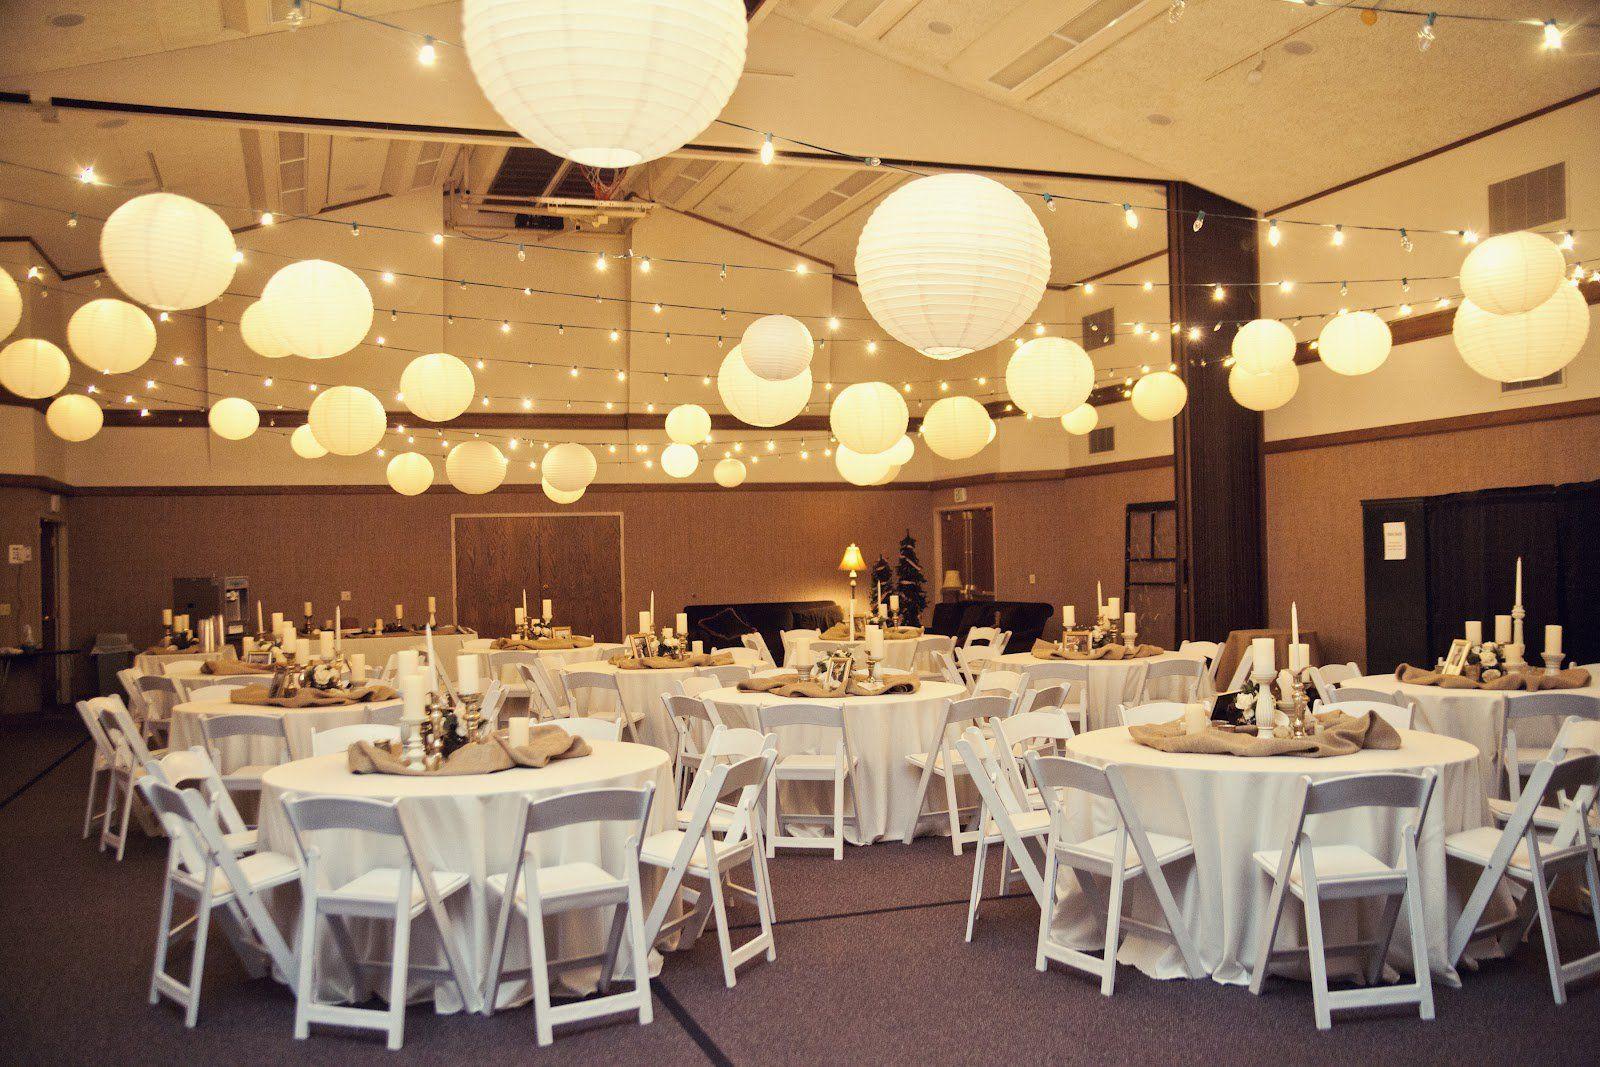 Risultati immagini per low budget wedding decorations wedding risultati immagini per low budget wedding decorations junglespirit Image collections